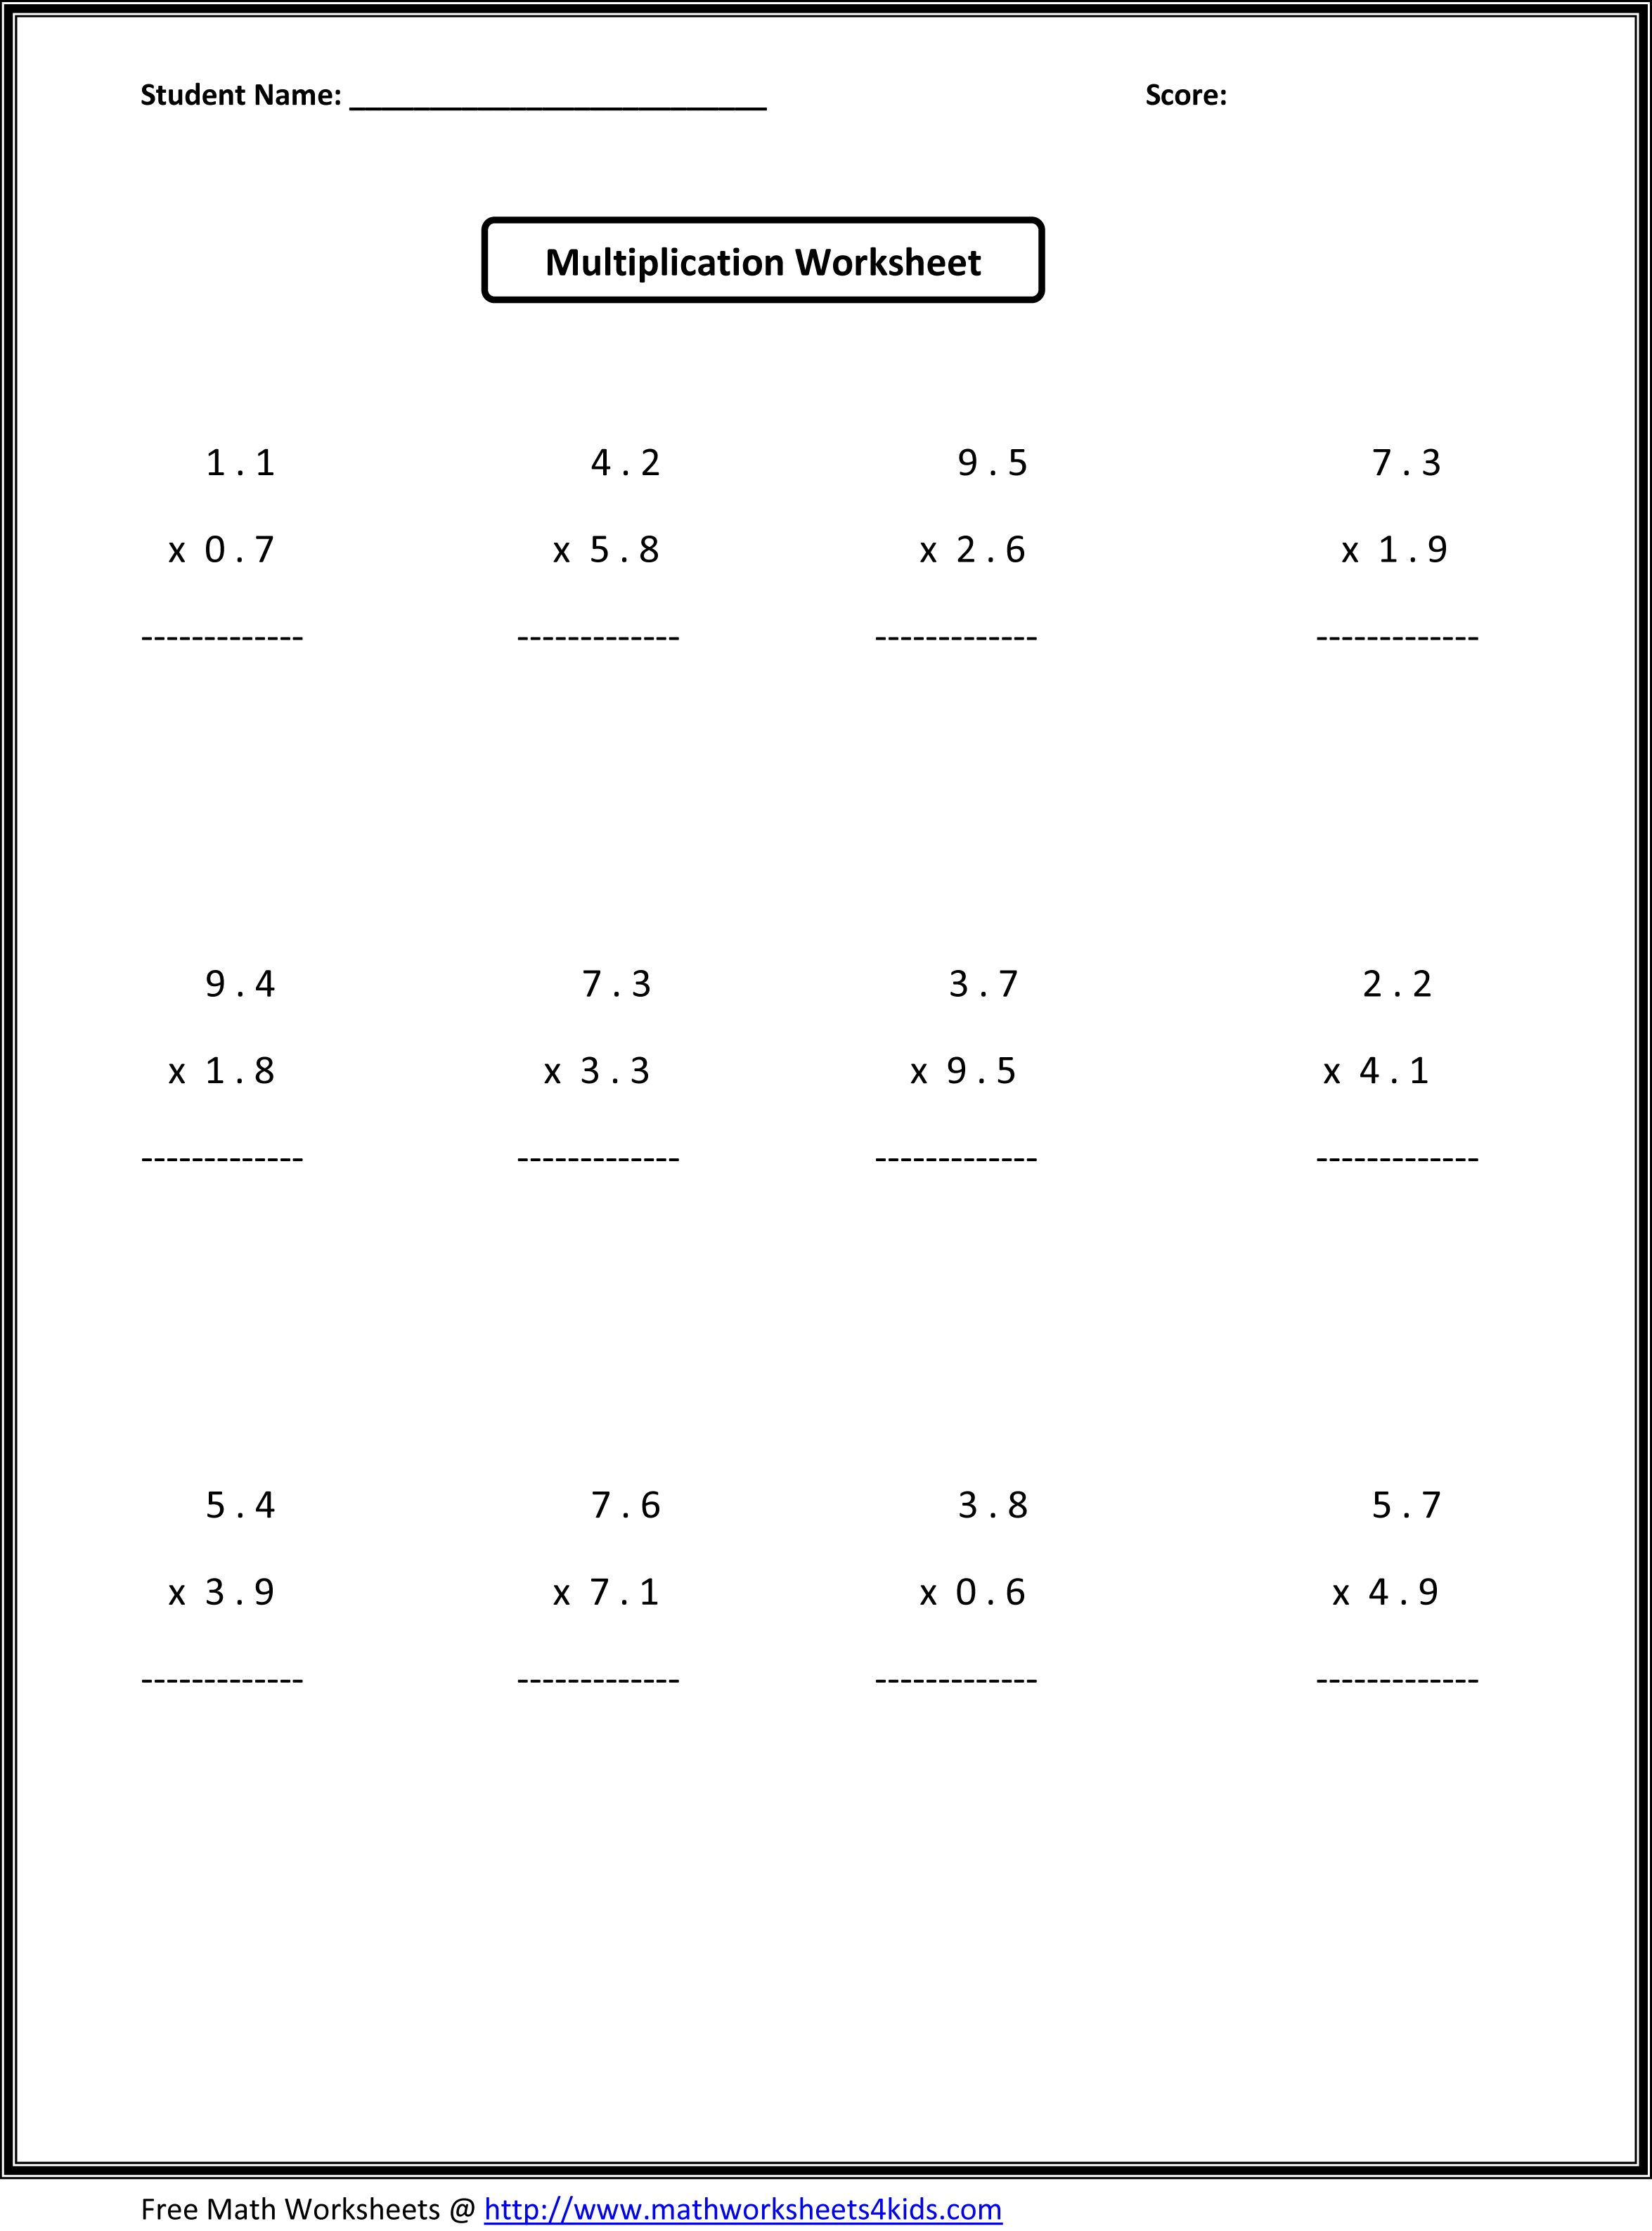 7Th Grade Math Worksheets | Value Worksheets Absolute Value | 7Th Grade Math Worksheets Printable